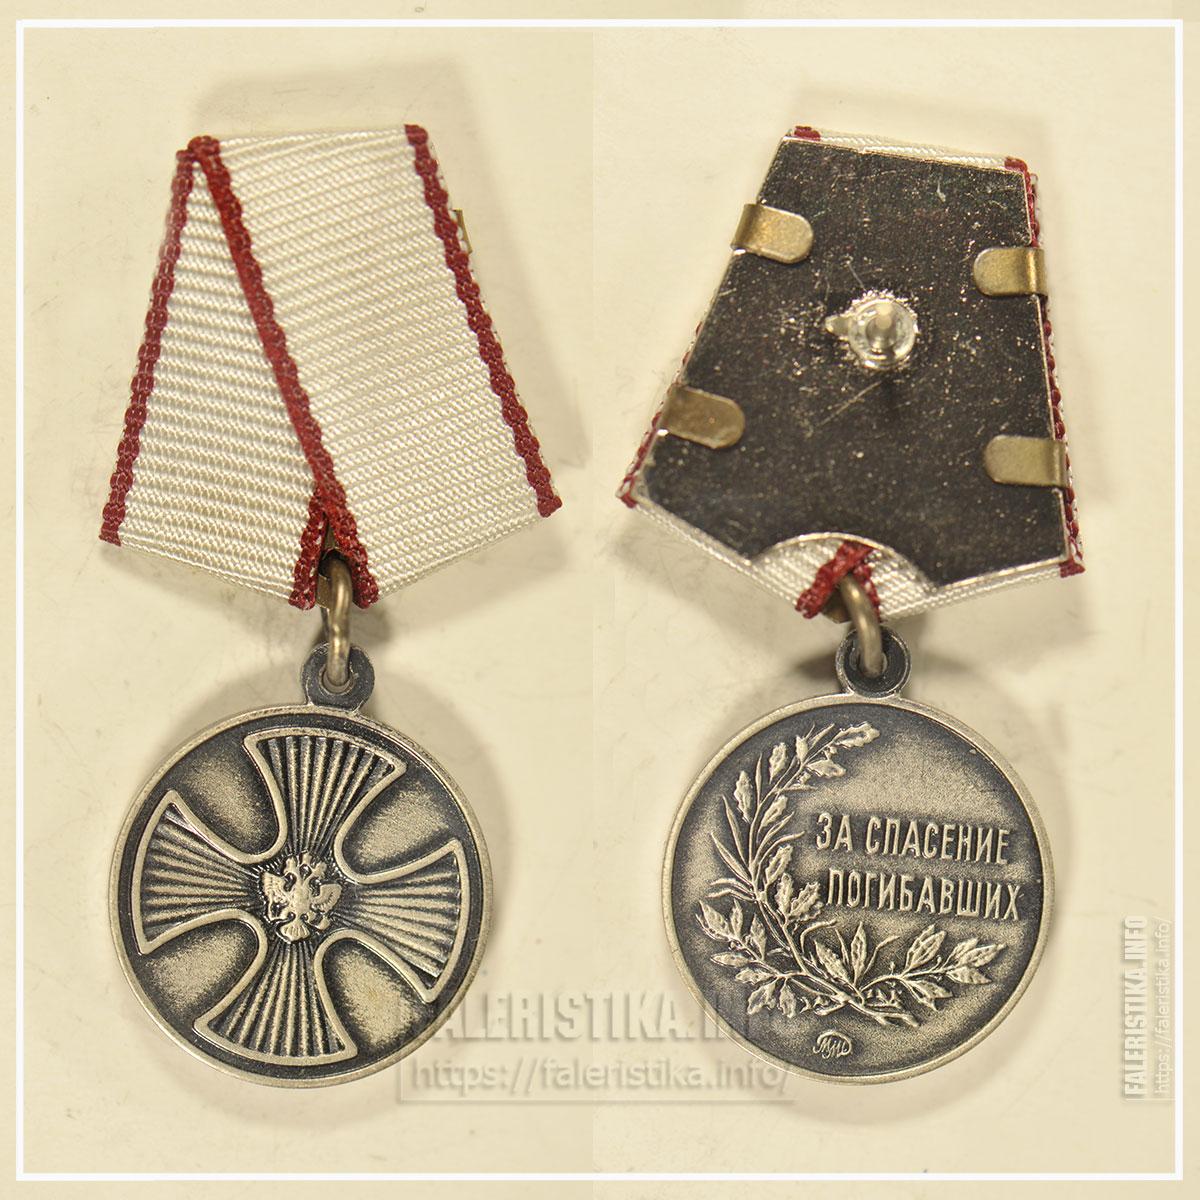 Медаль «За спасение погибавших». Миниатюрная копия знака (фрачник). Московский монетный двор